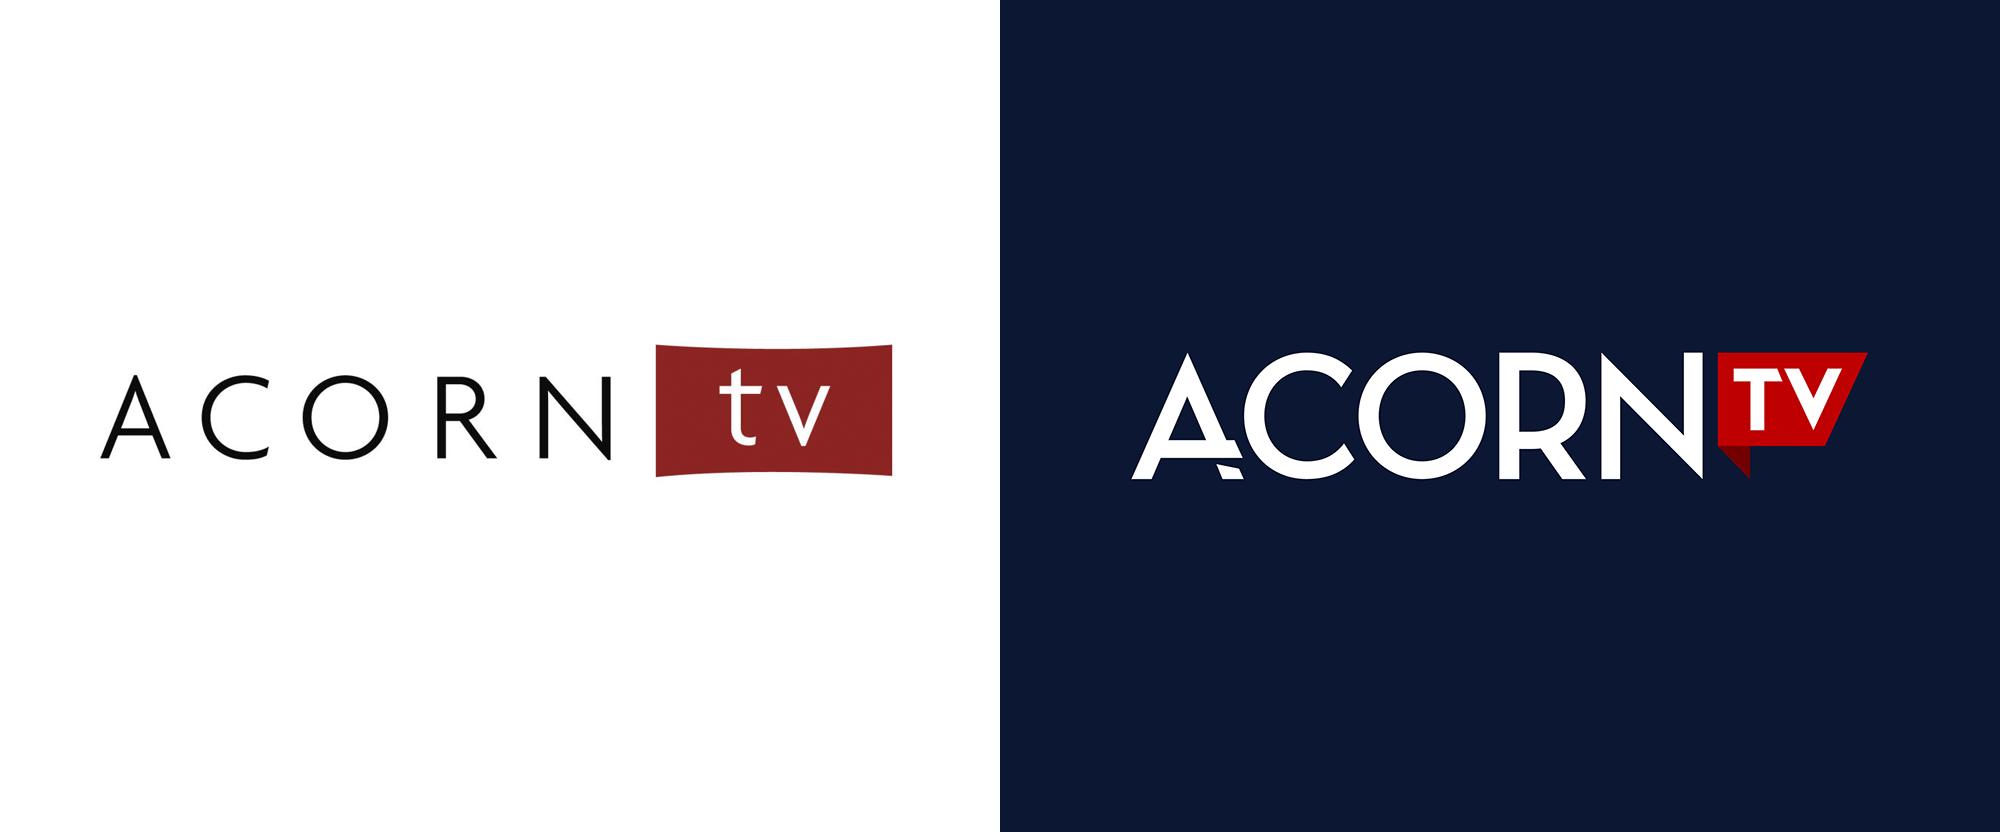 New Logo for Acorn TV